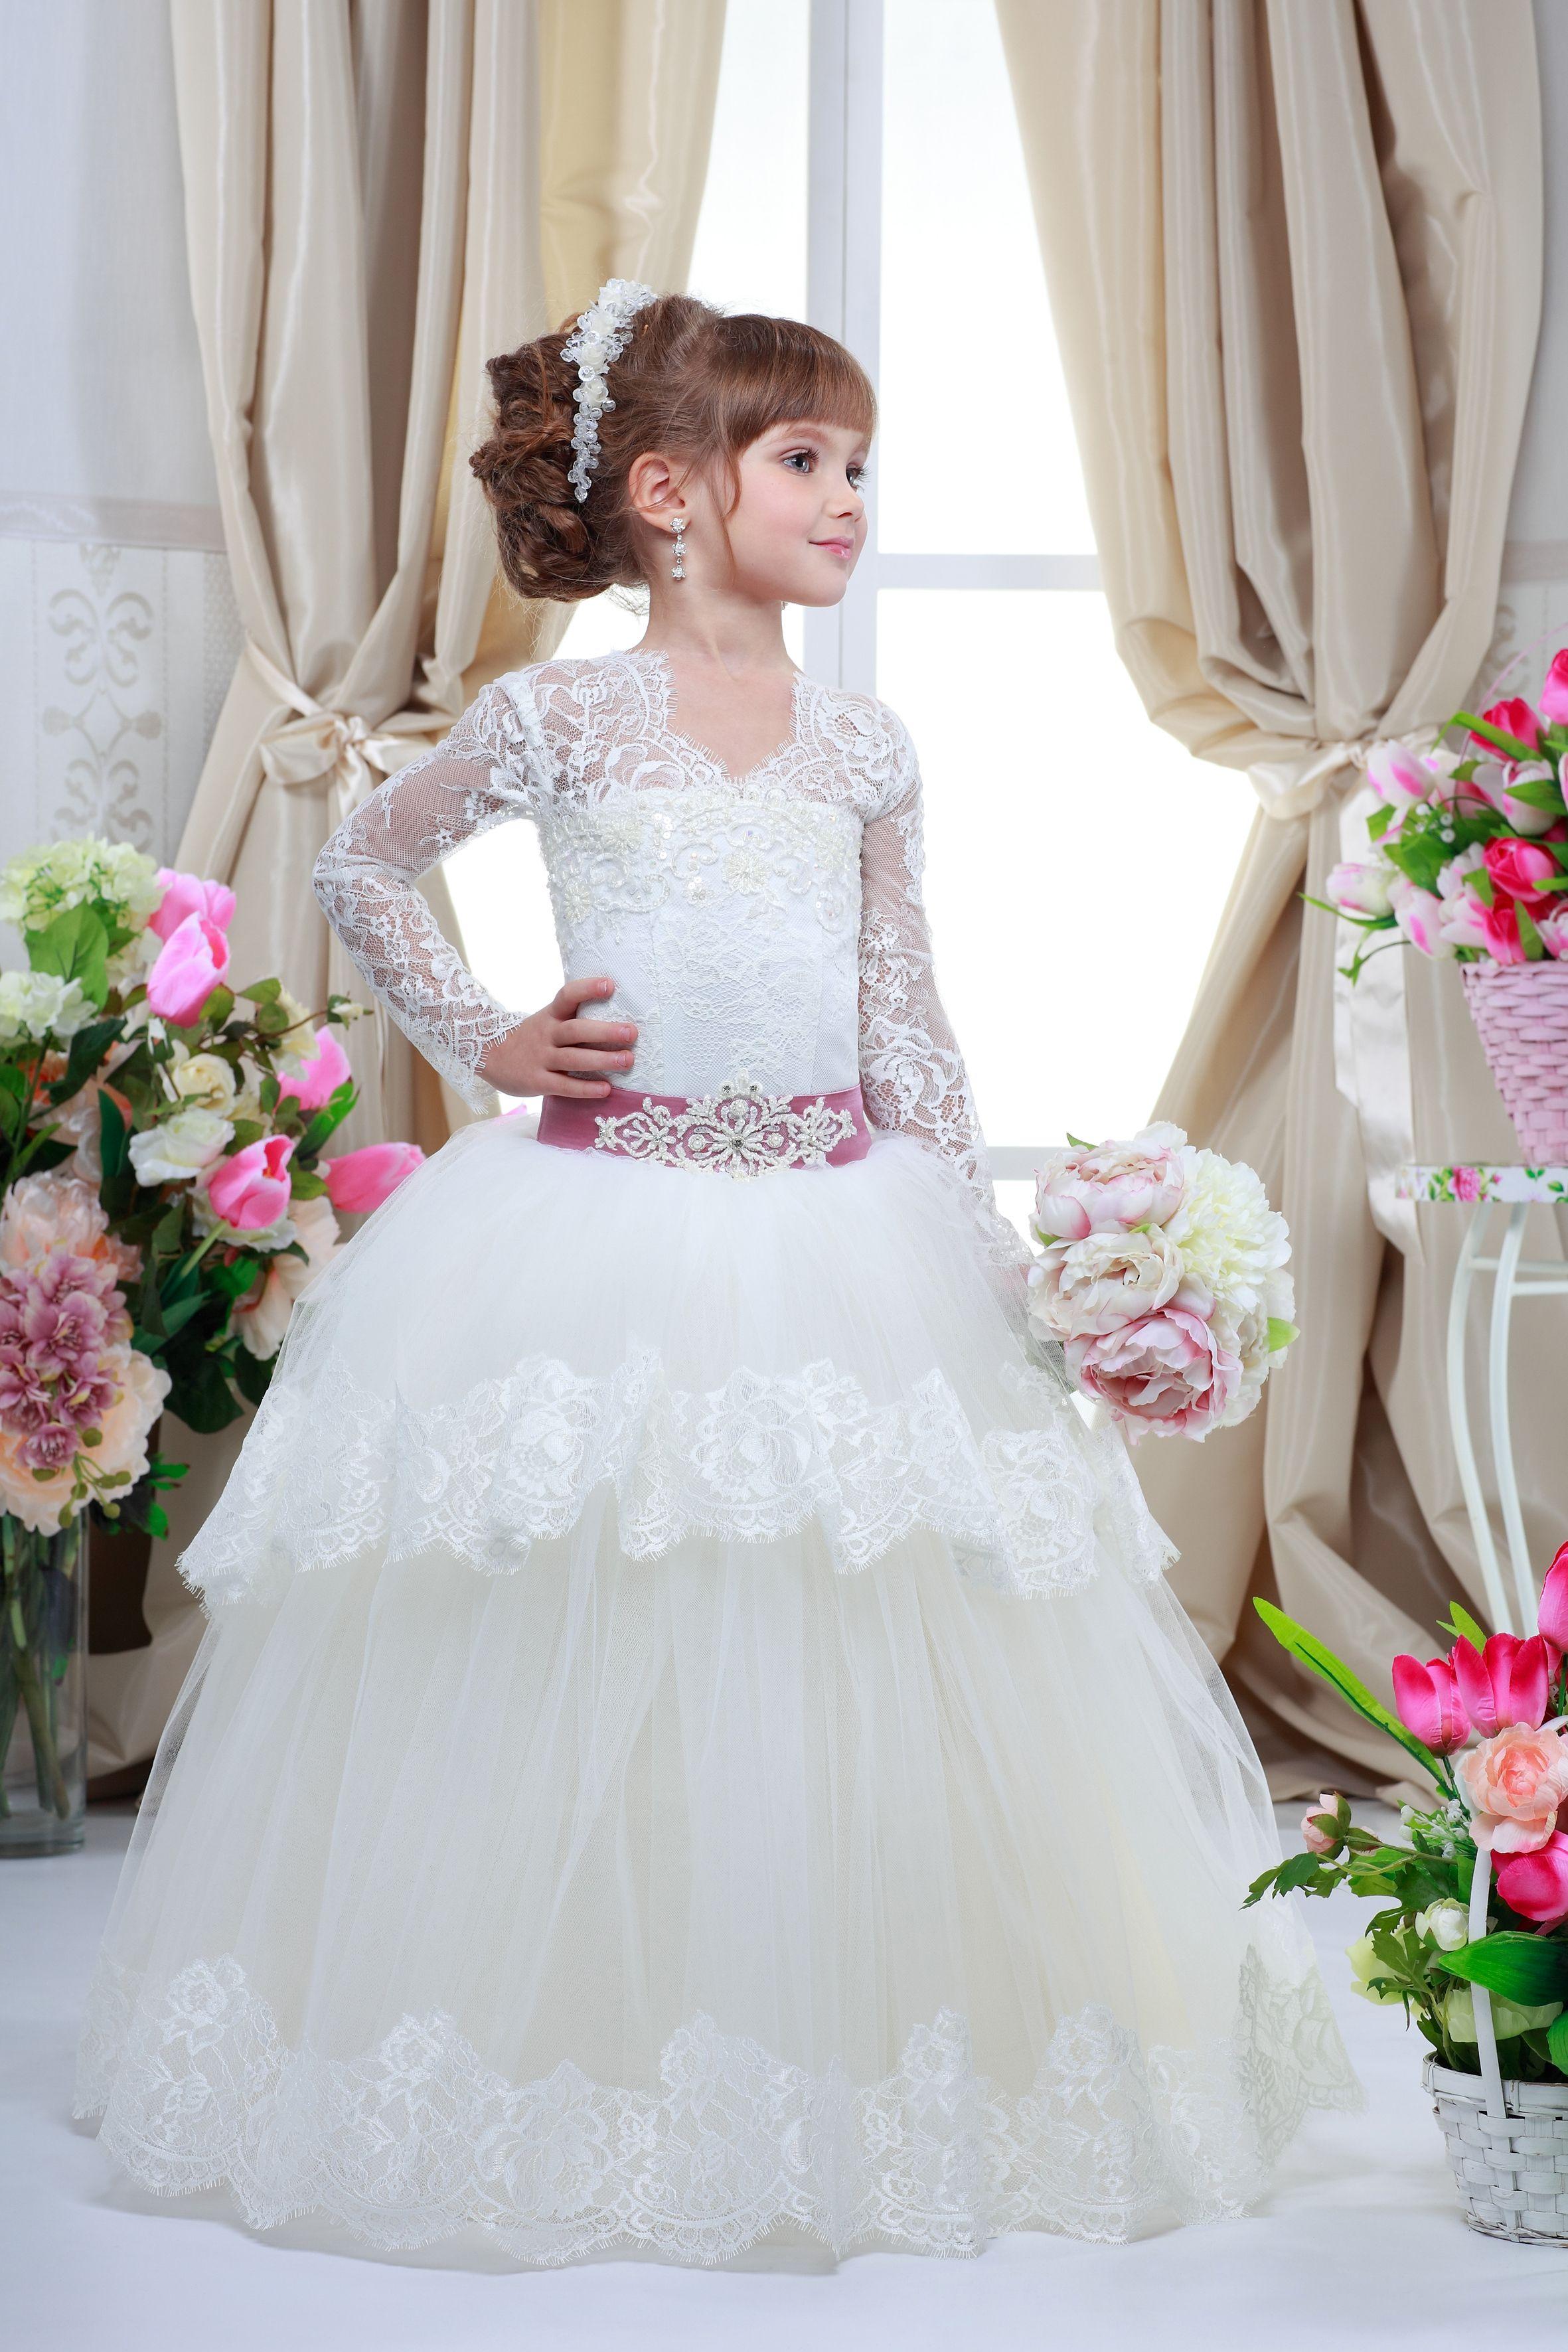 4ecfa6b45b4 Нарядные платья для девочек  - бальные - праздничные - вечерние - пышные -  свадебные -